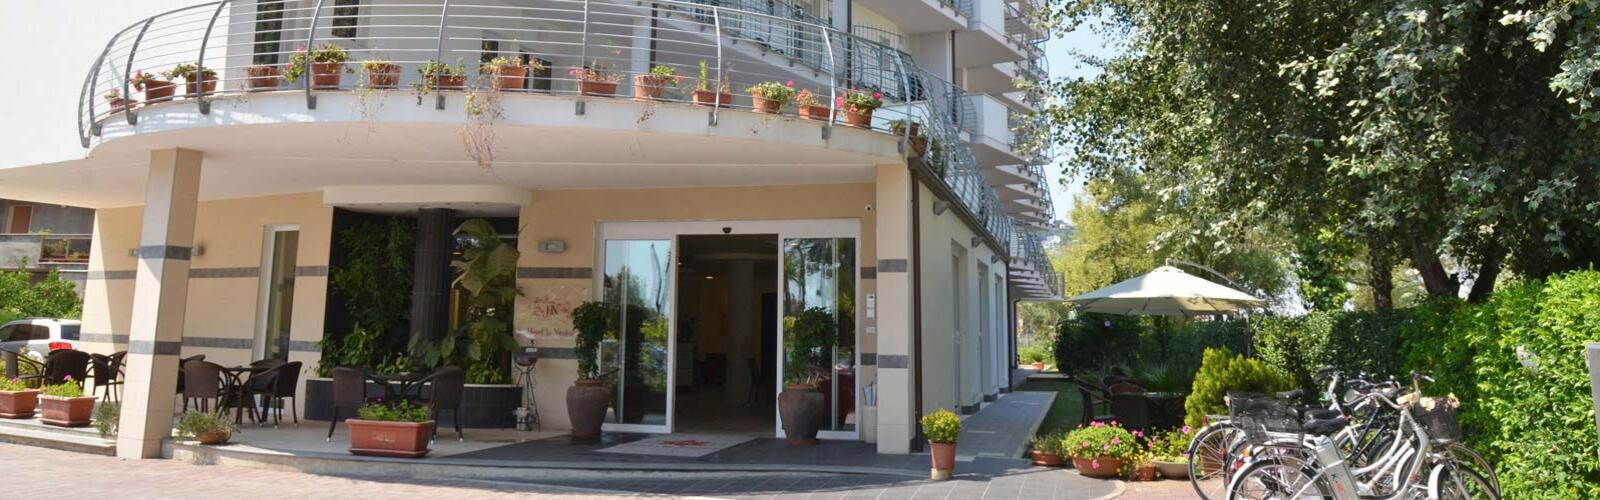 hotellaninfea en questions 002